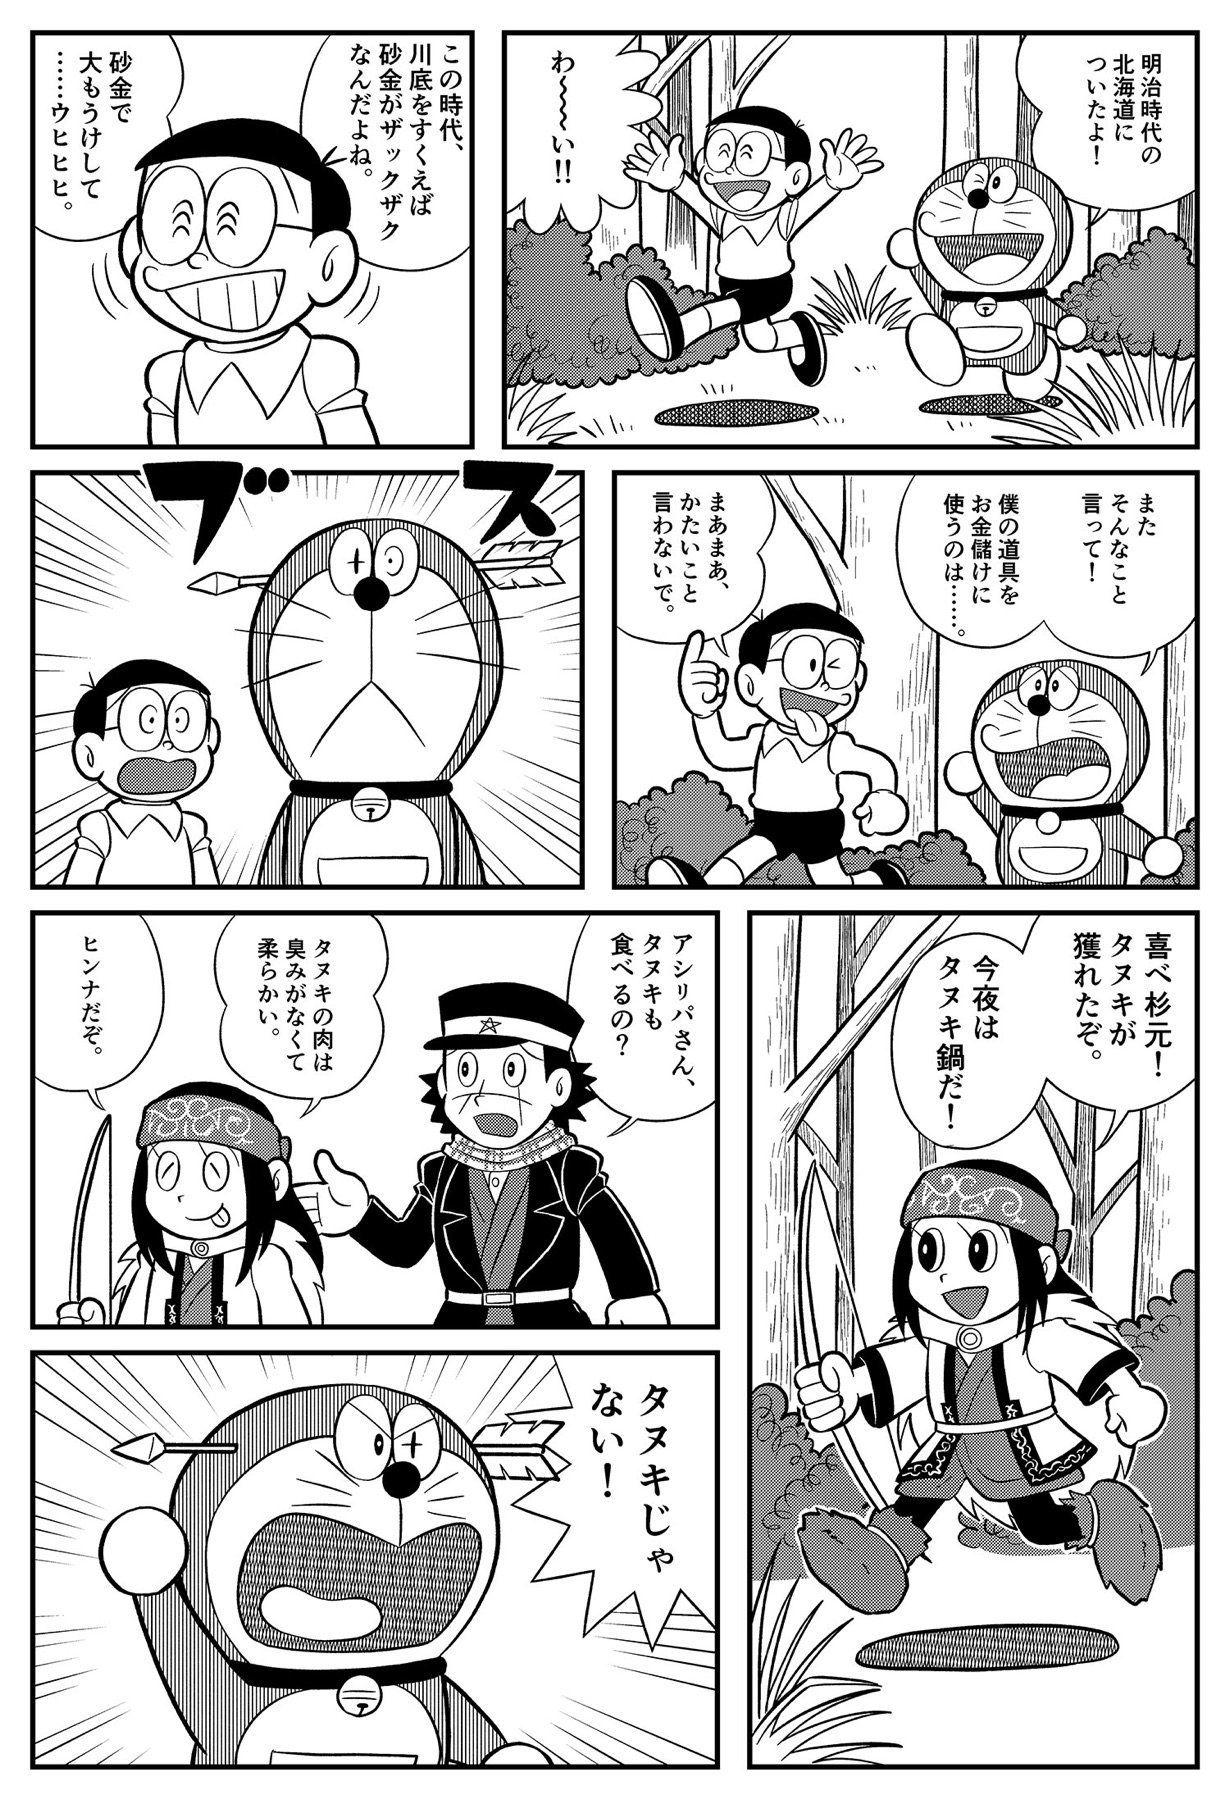 23,000RT】イタコマンガ家まつり! 藤子・F・不二雄ドラえもん風 ...